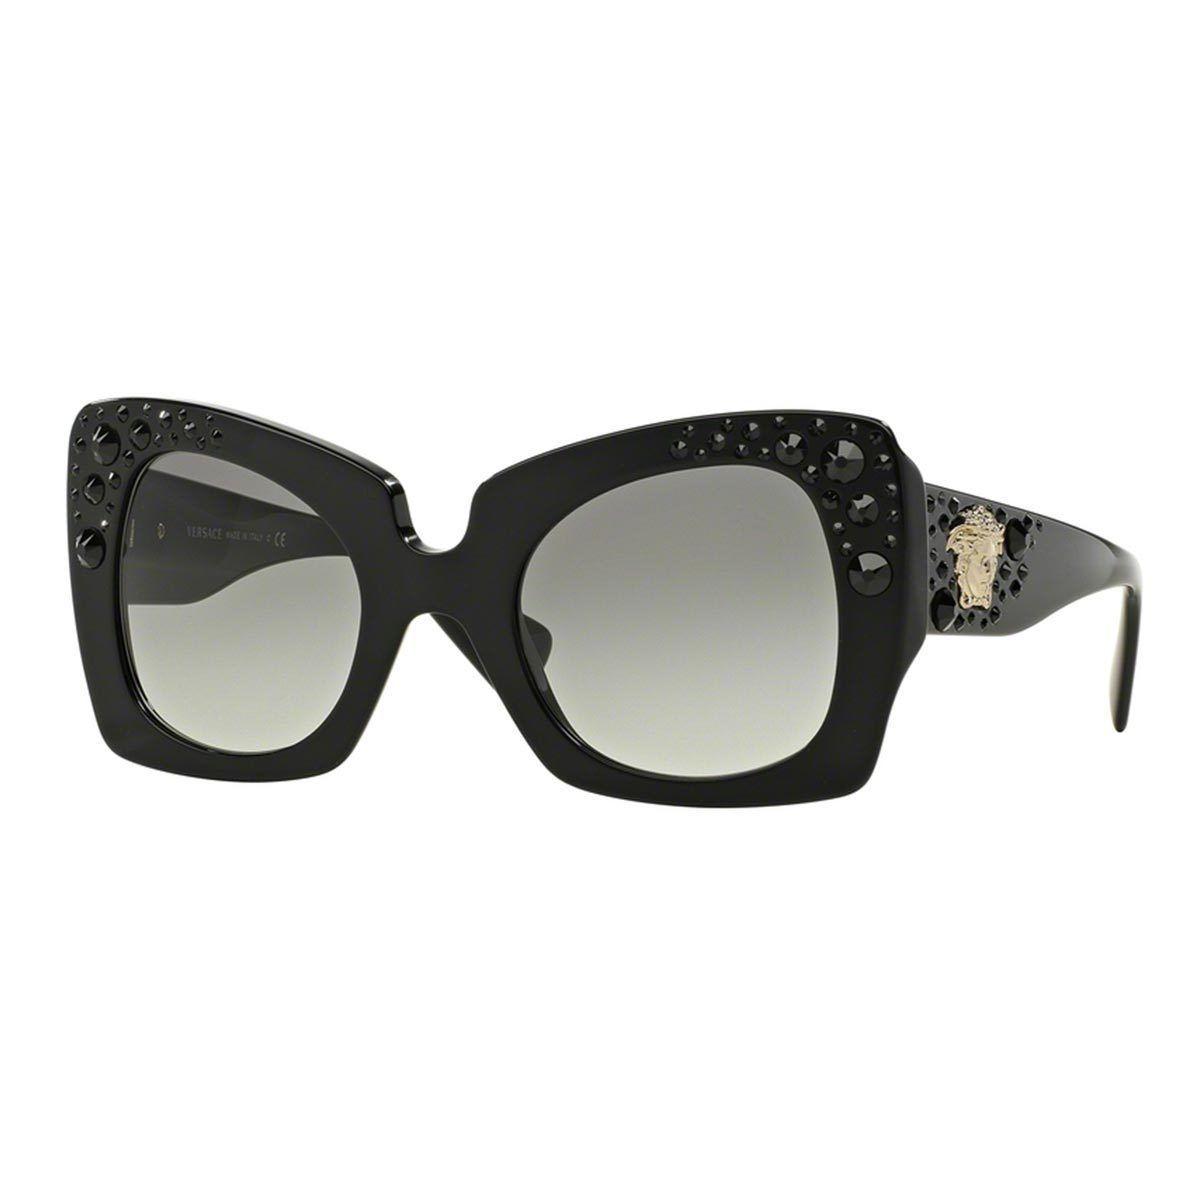 25e76593a07d Versace Women s VE4308B 54 Butterfly Sunglasses